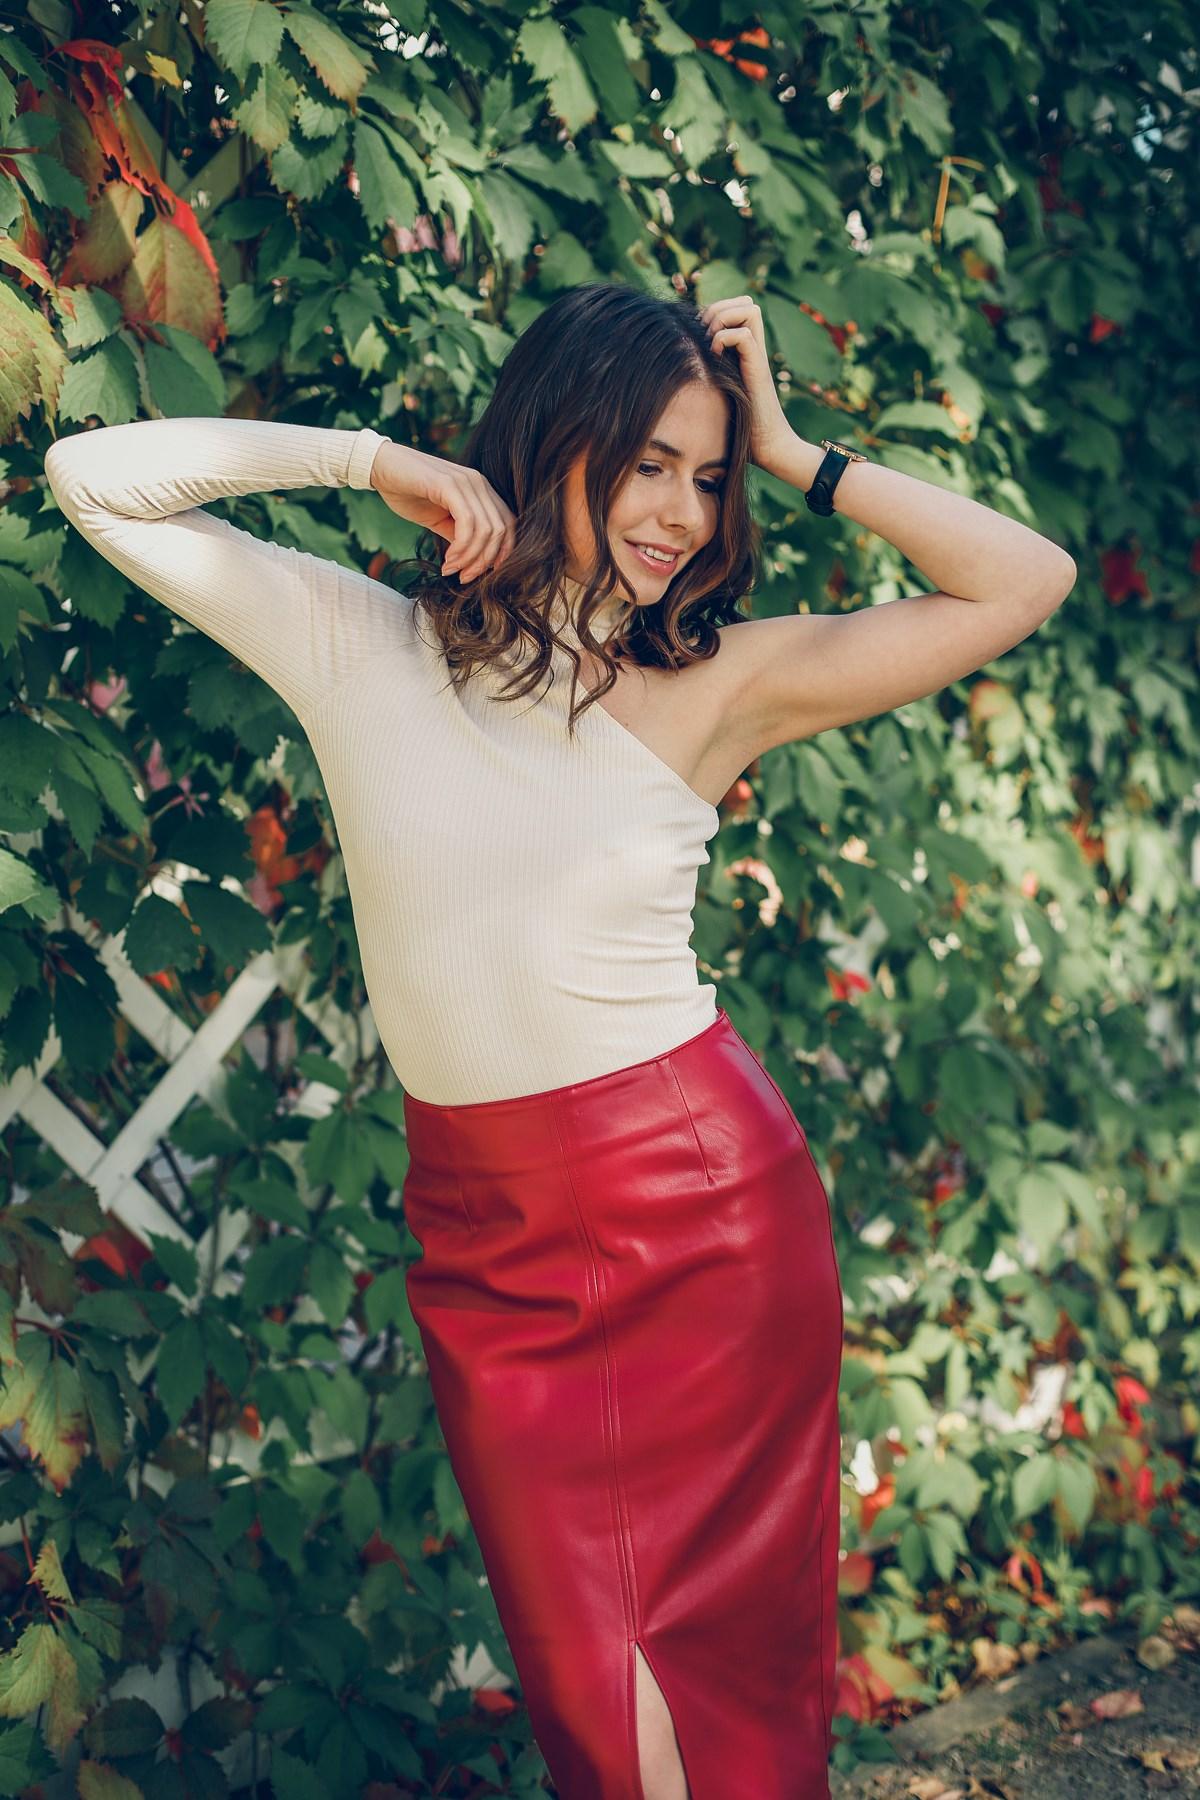 Czerwona spódnica z ekoskóry i asymetryczna bluzka